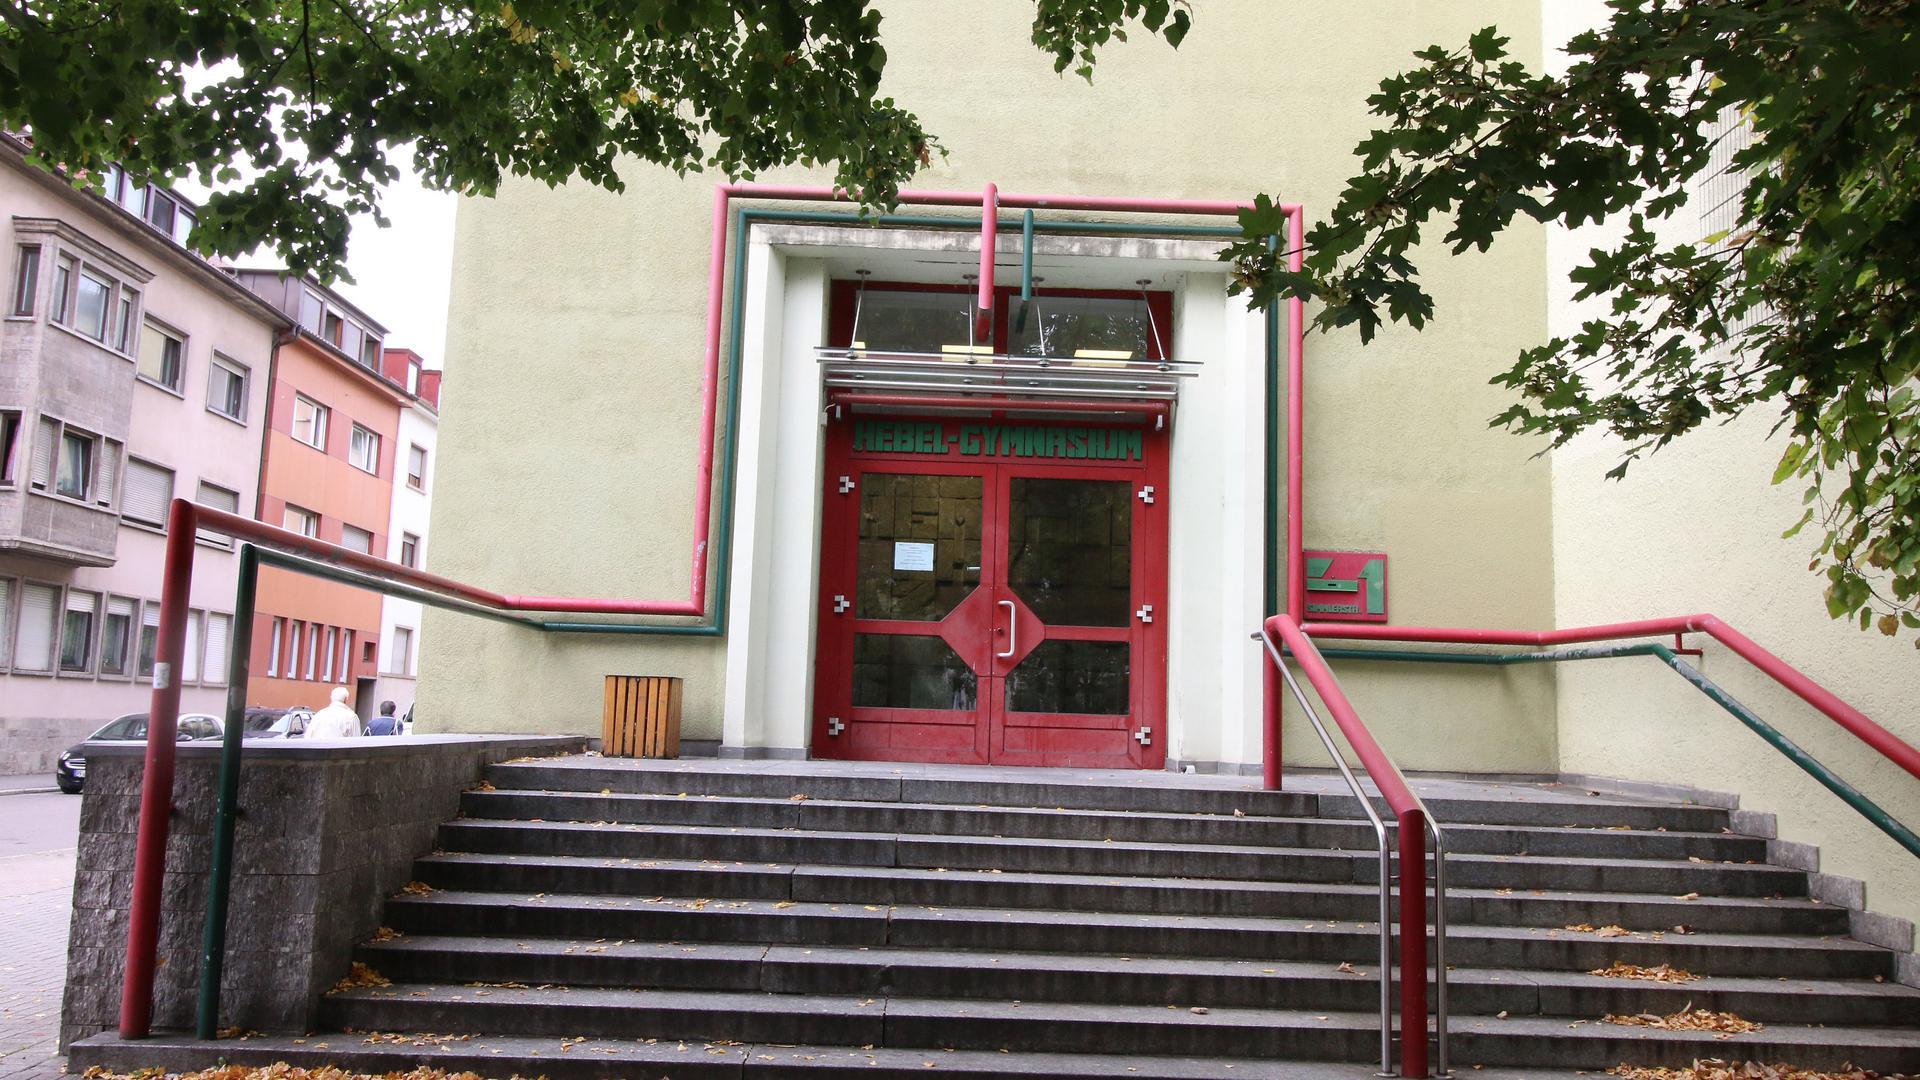 Der Eingang des Hebel-Gymnasiums ist zu sehen mit roter Tür und der Treppe davor.